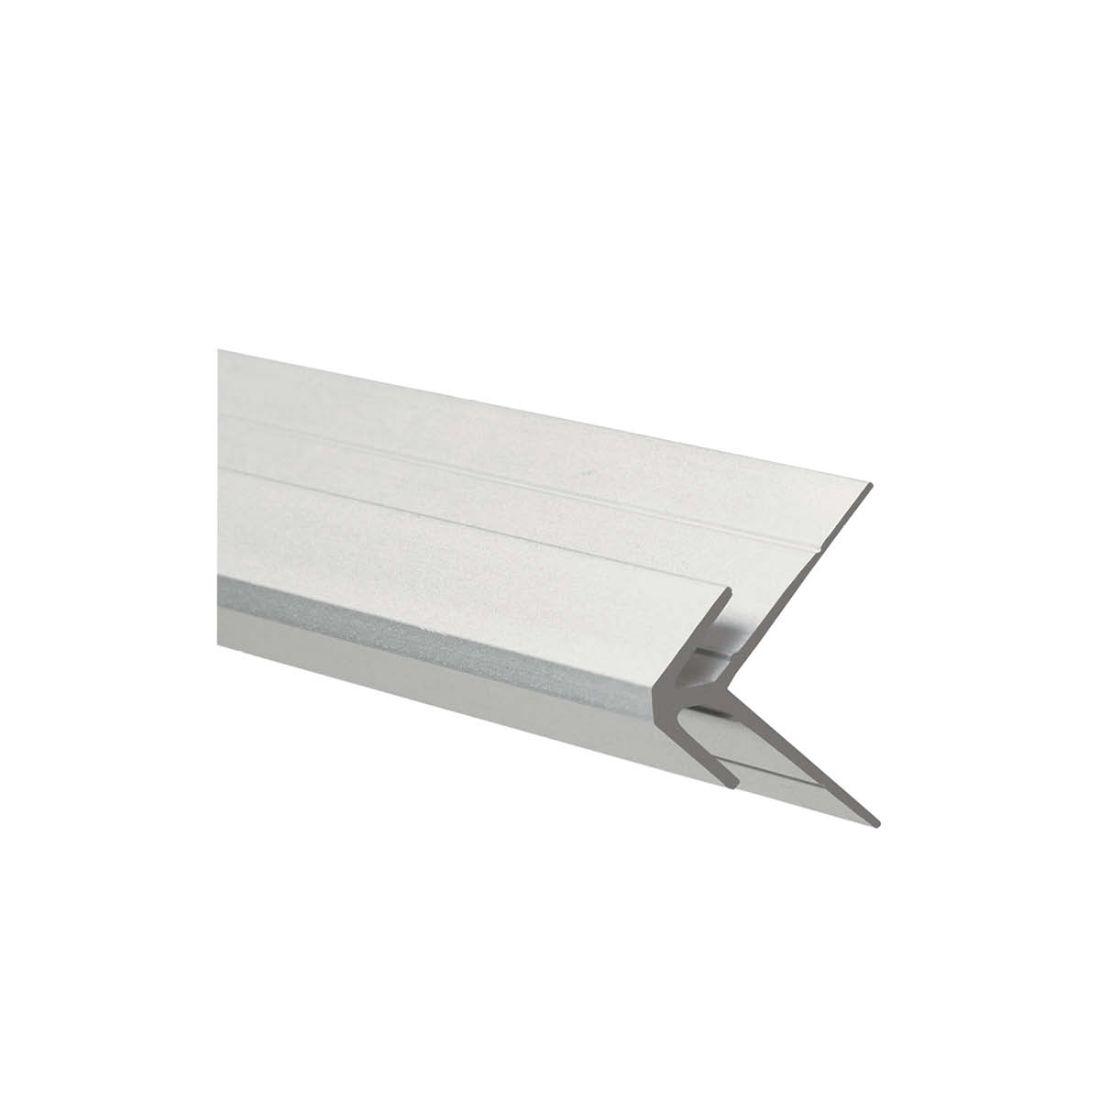 Aluminium External Corner Jointer Polar White 2700 x 4.5mm